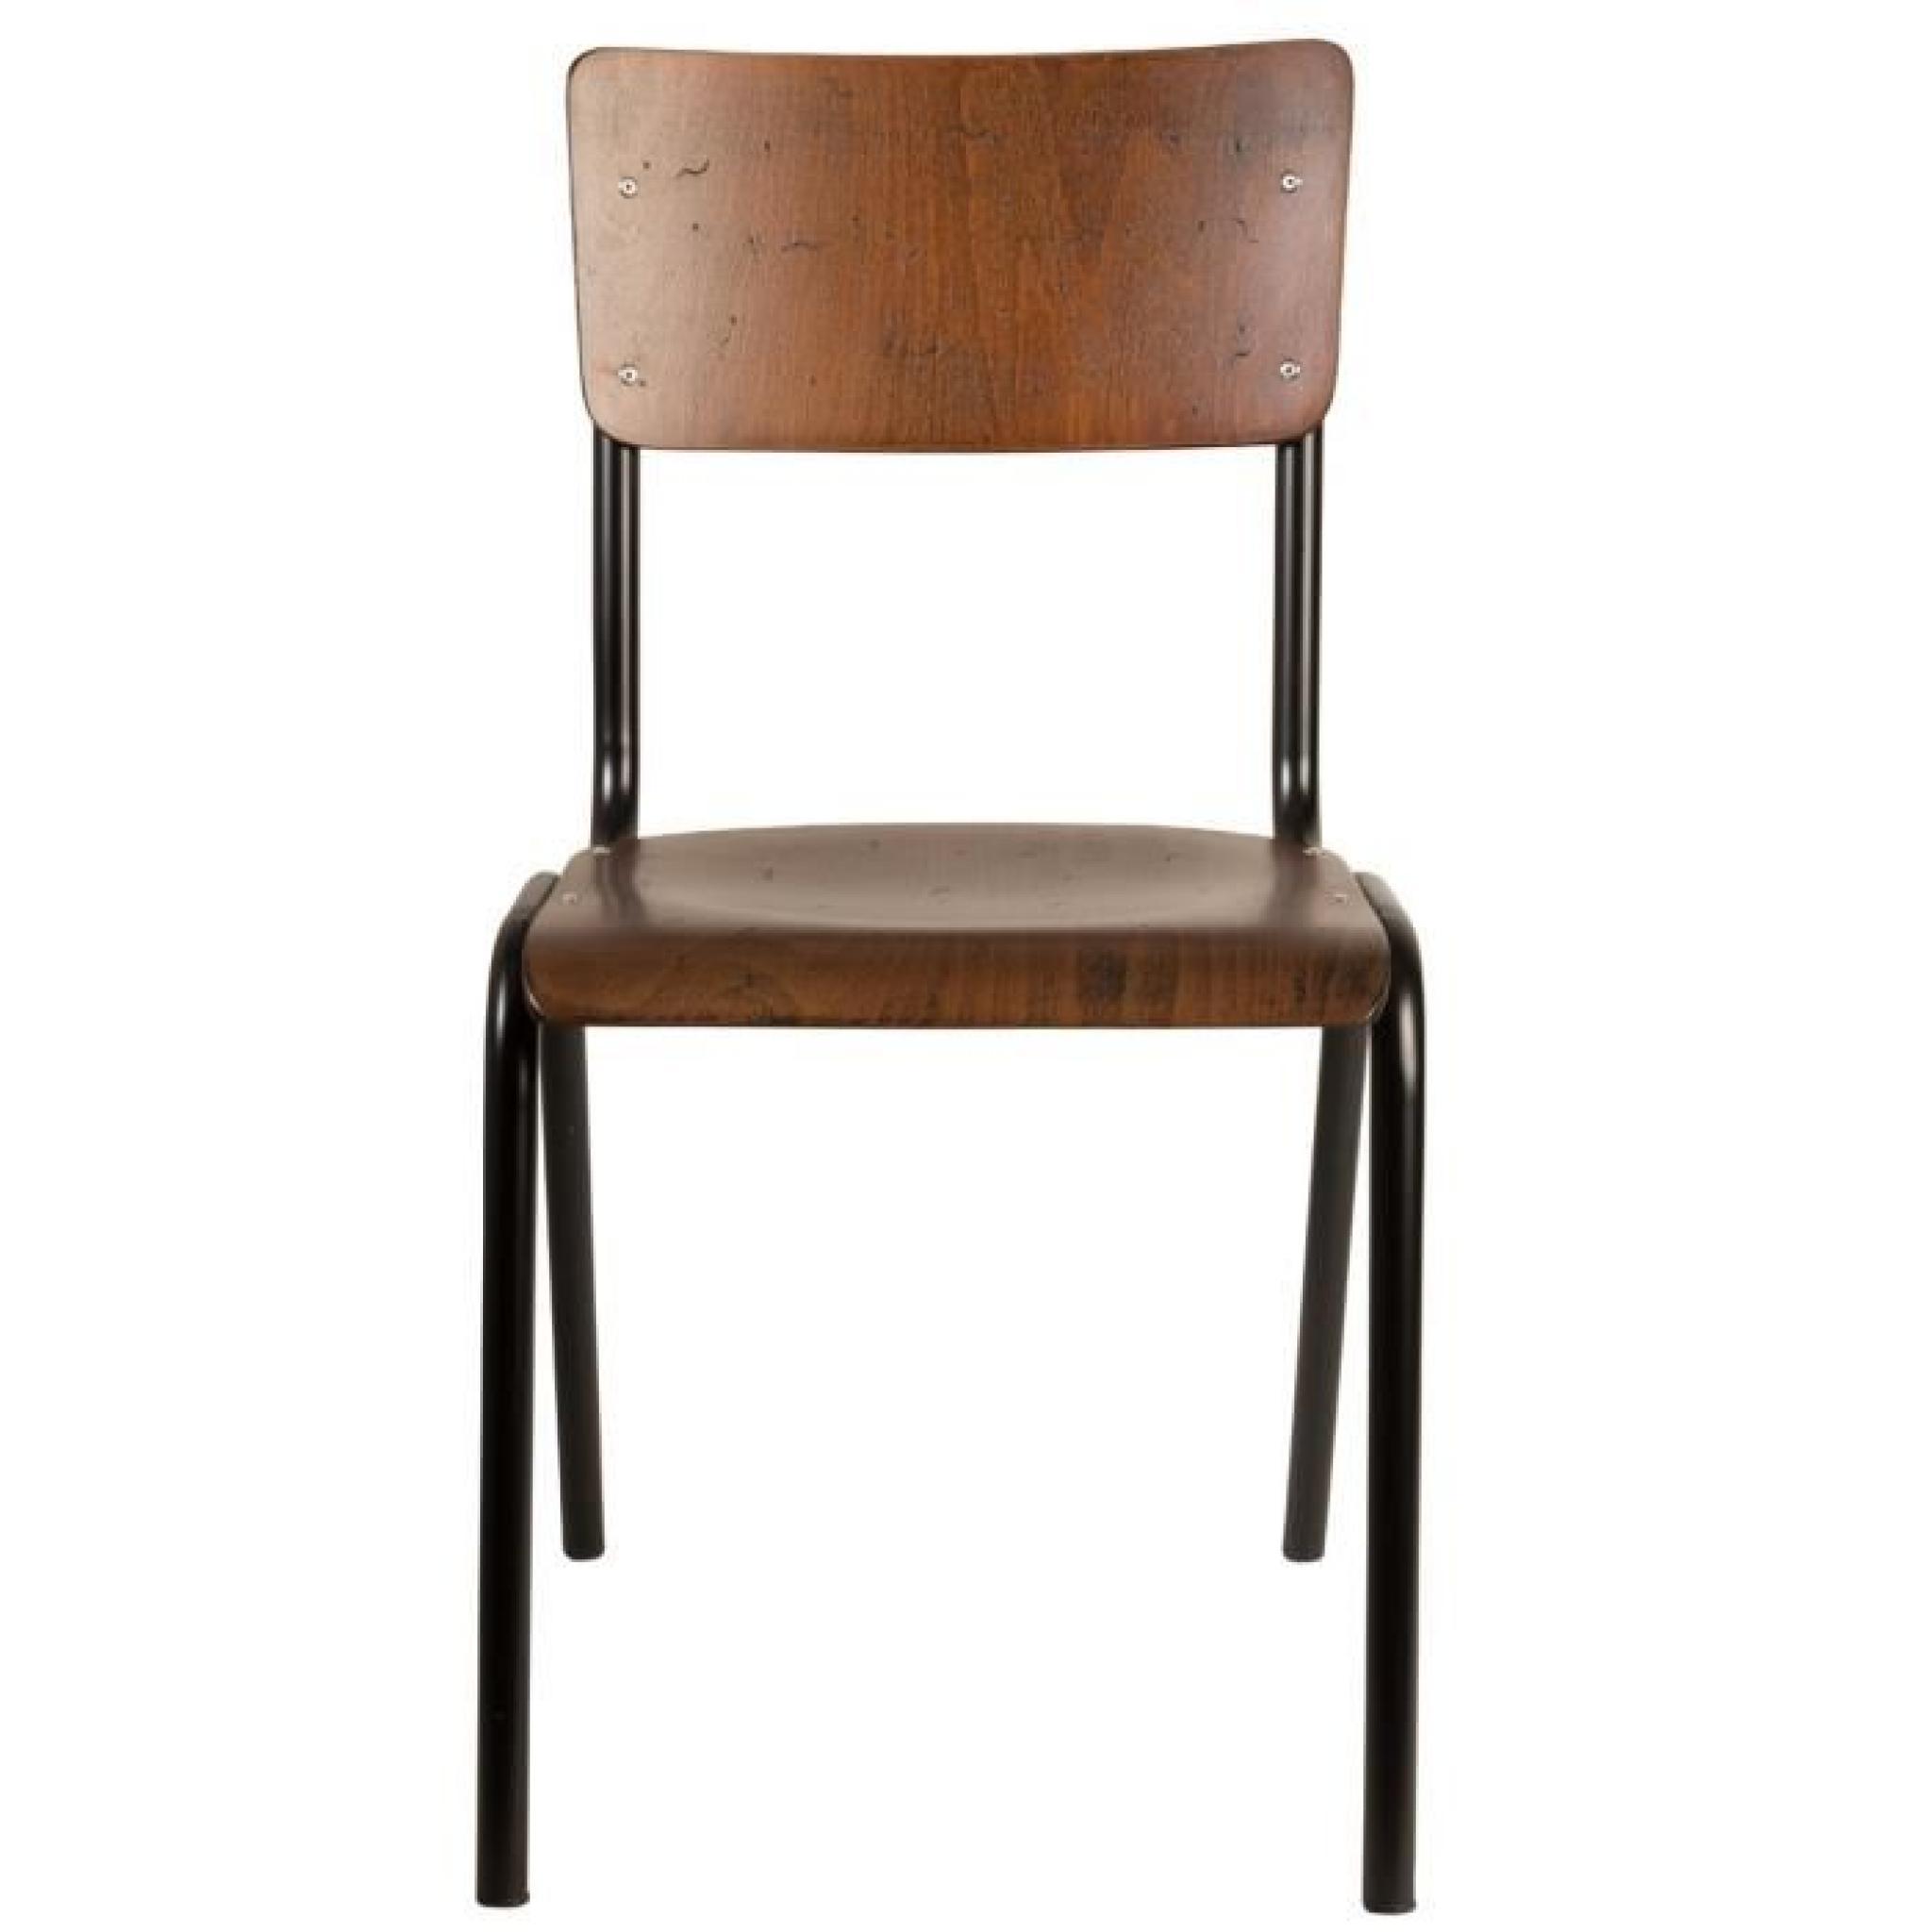 lot de 2 chaises vintage m tal bois scuola couleur marron. Black Bedroom Furniture Sets. Home Design Ideas